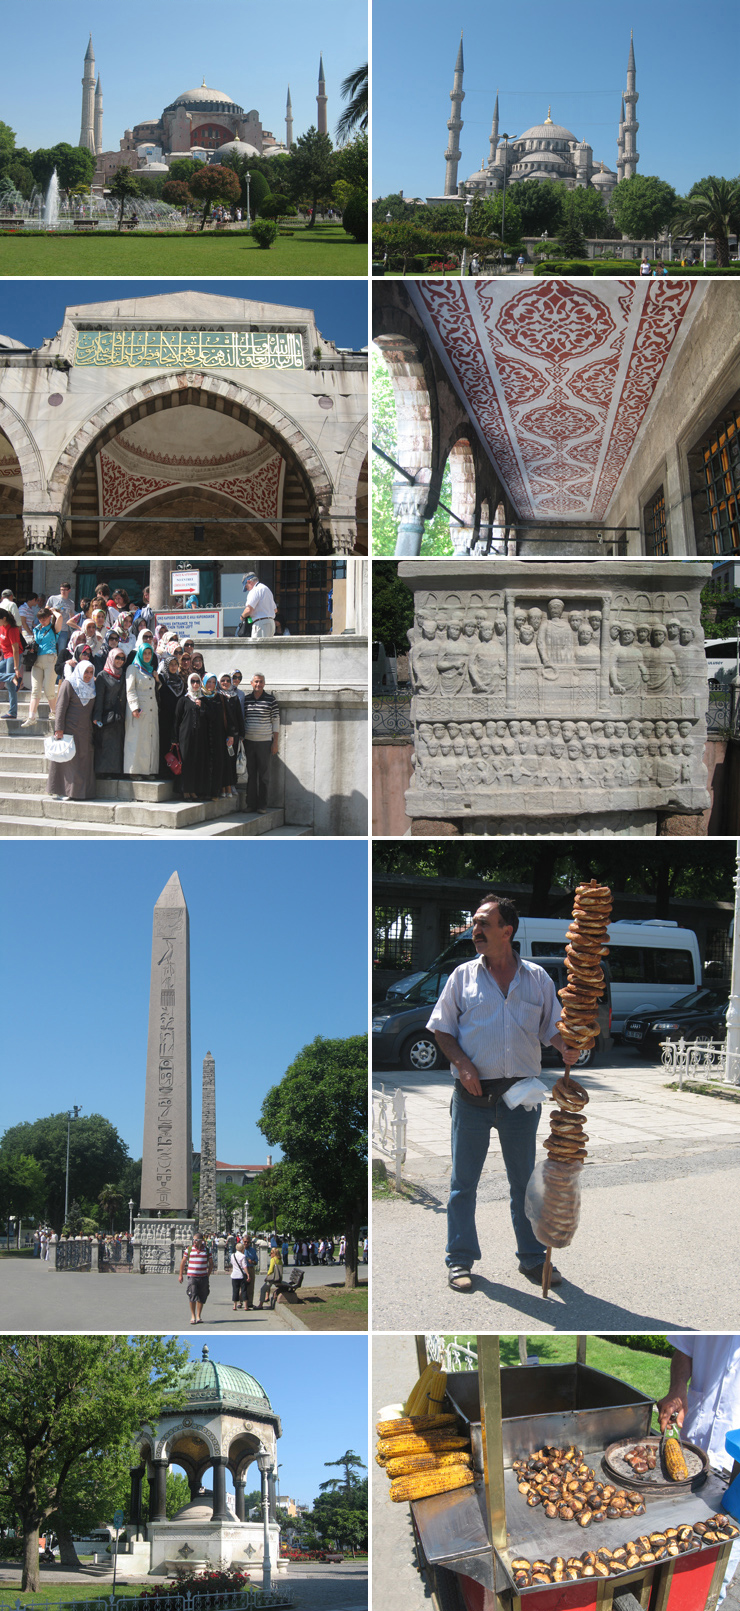 тур в Стамбул, тур в Стамбул купить, экскурсионный тур в Стамбул, тур в Стамбул из Украины, экскурсионные туры по Европе, туры в Европу из Украины